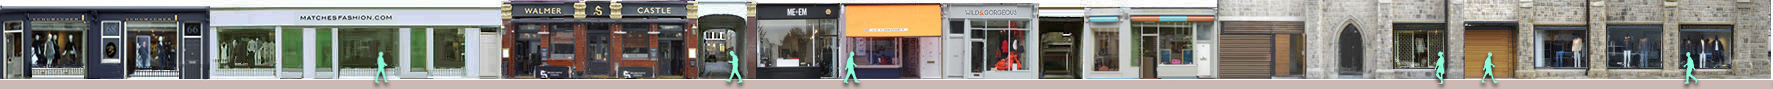 Ledbury Road shops